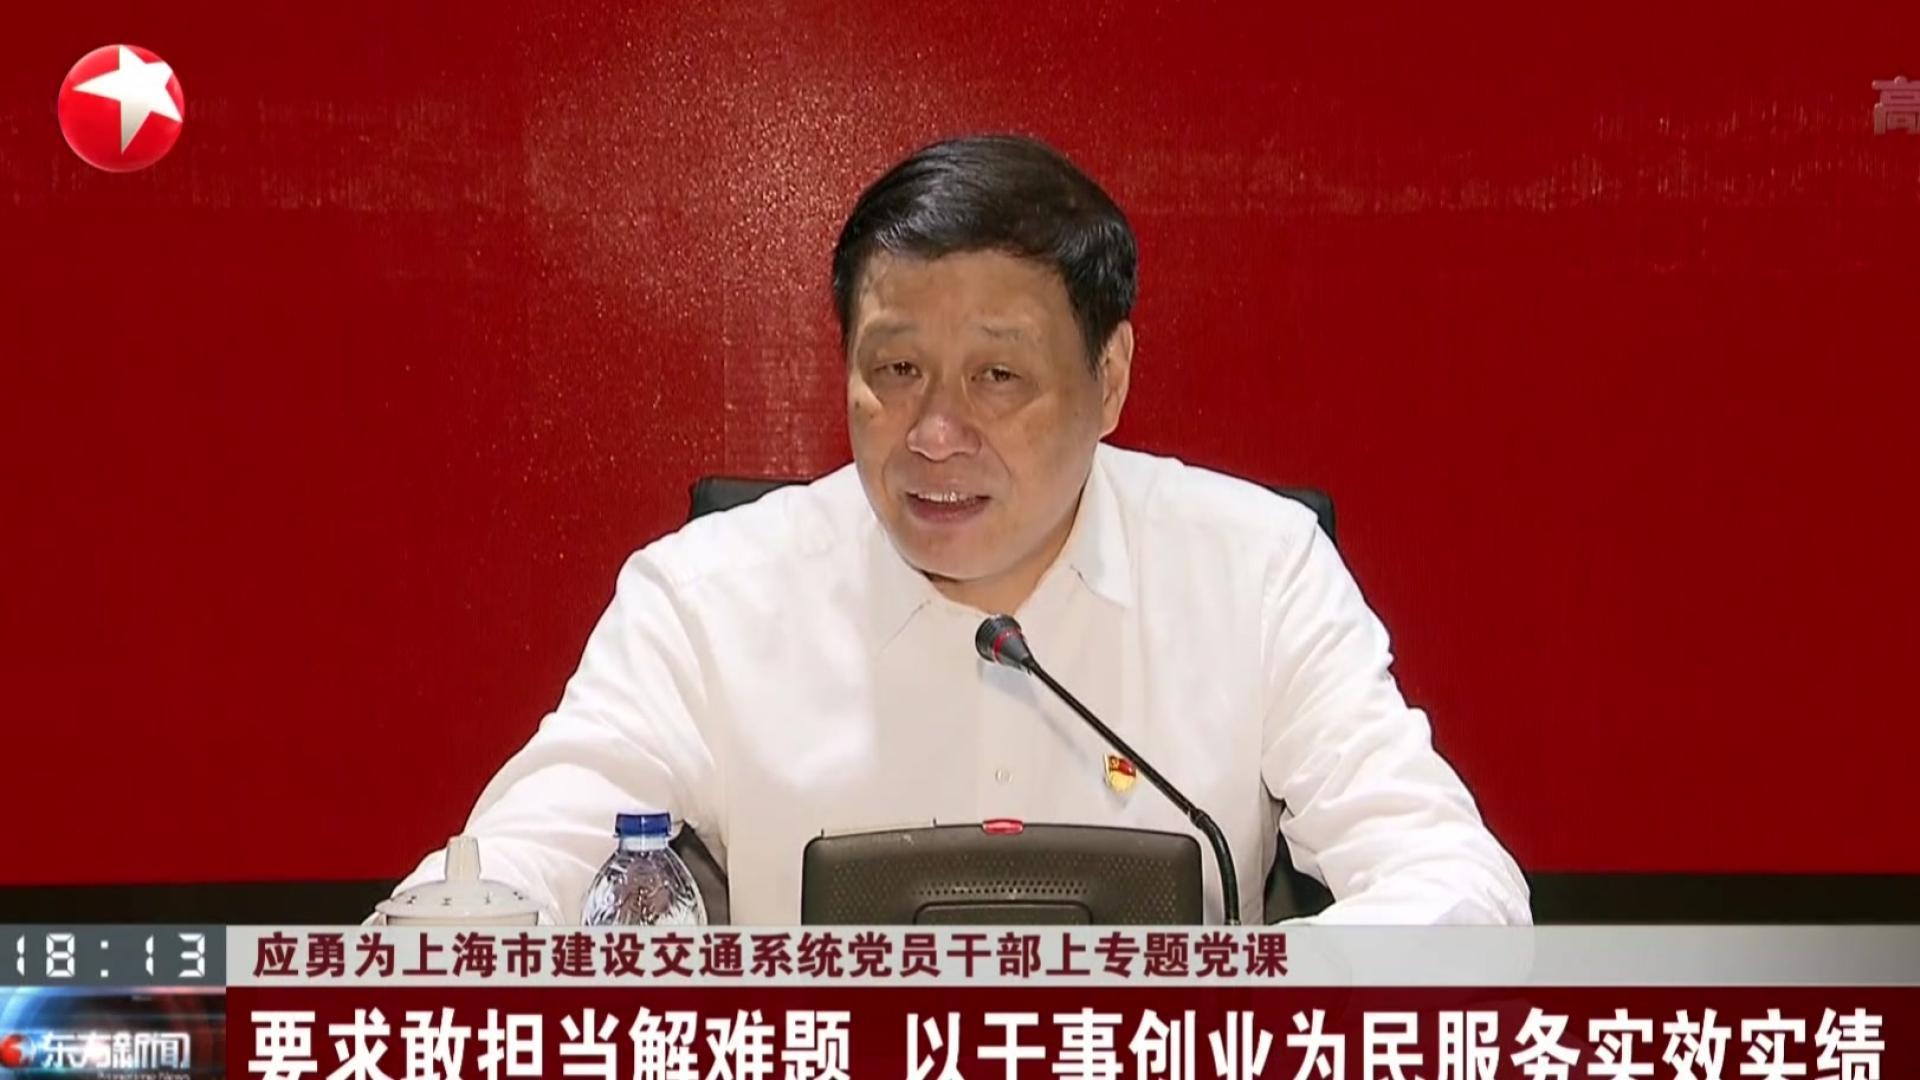 应勇为上海市建设交通系统党员干部上专题党课:要求敢担当解难题  以干事创业为民服务实效实绩